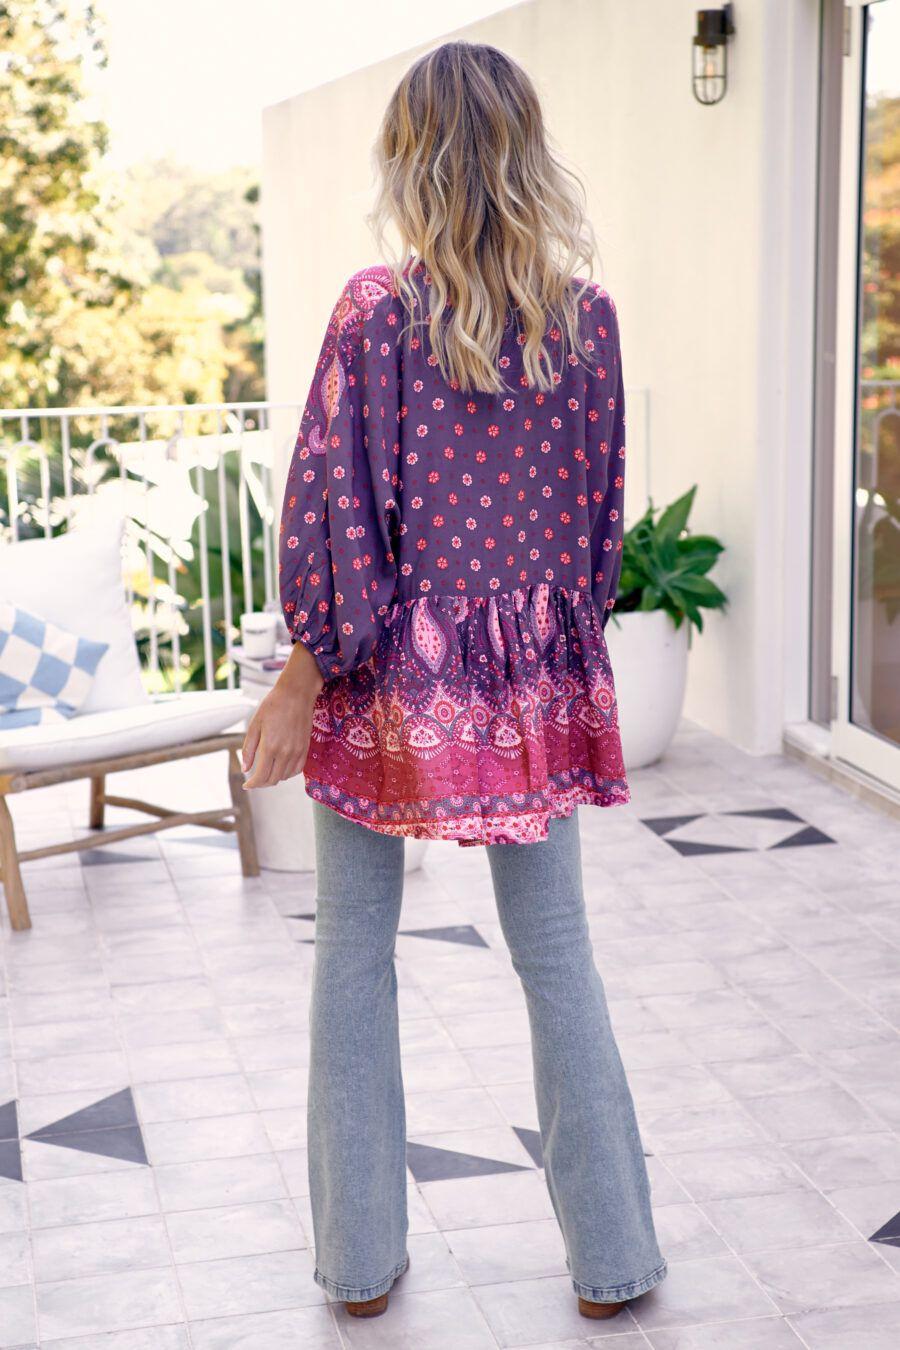 Blusa boho oversize con estampado floral. La modelo lleva la talla XS. 100% rayón Alabama Shop